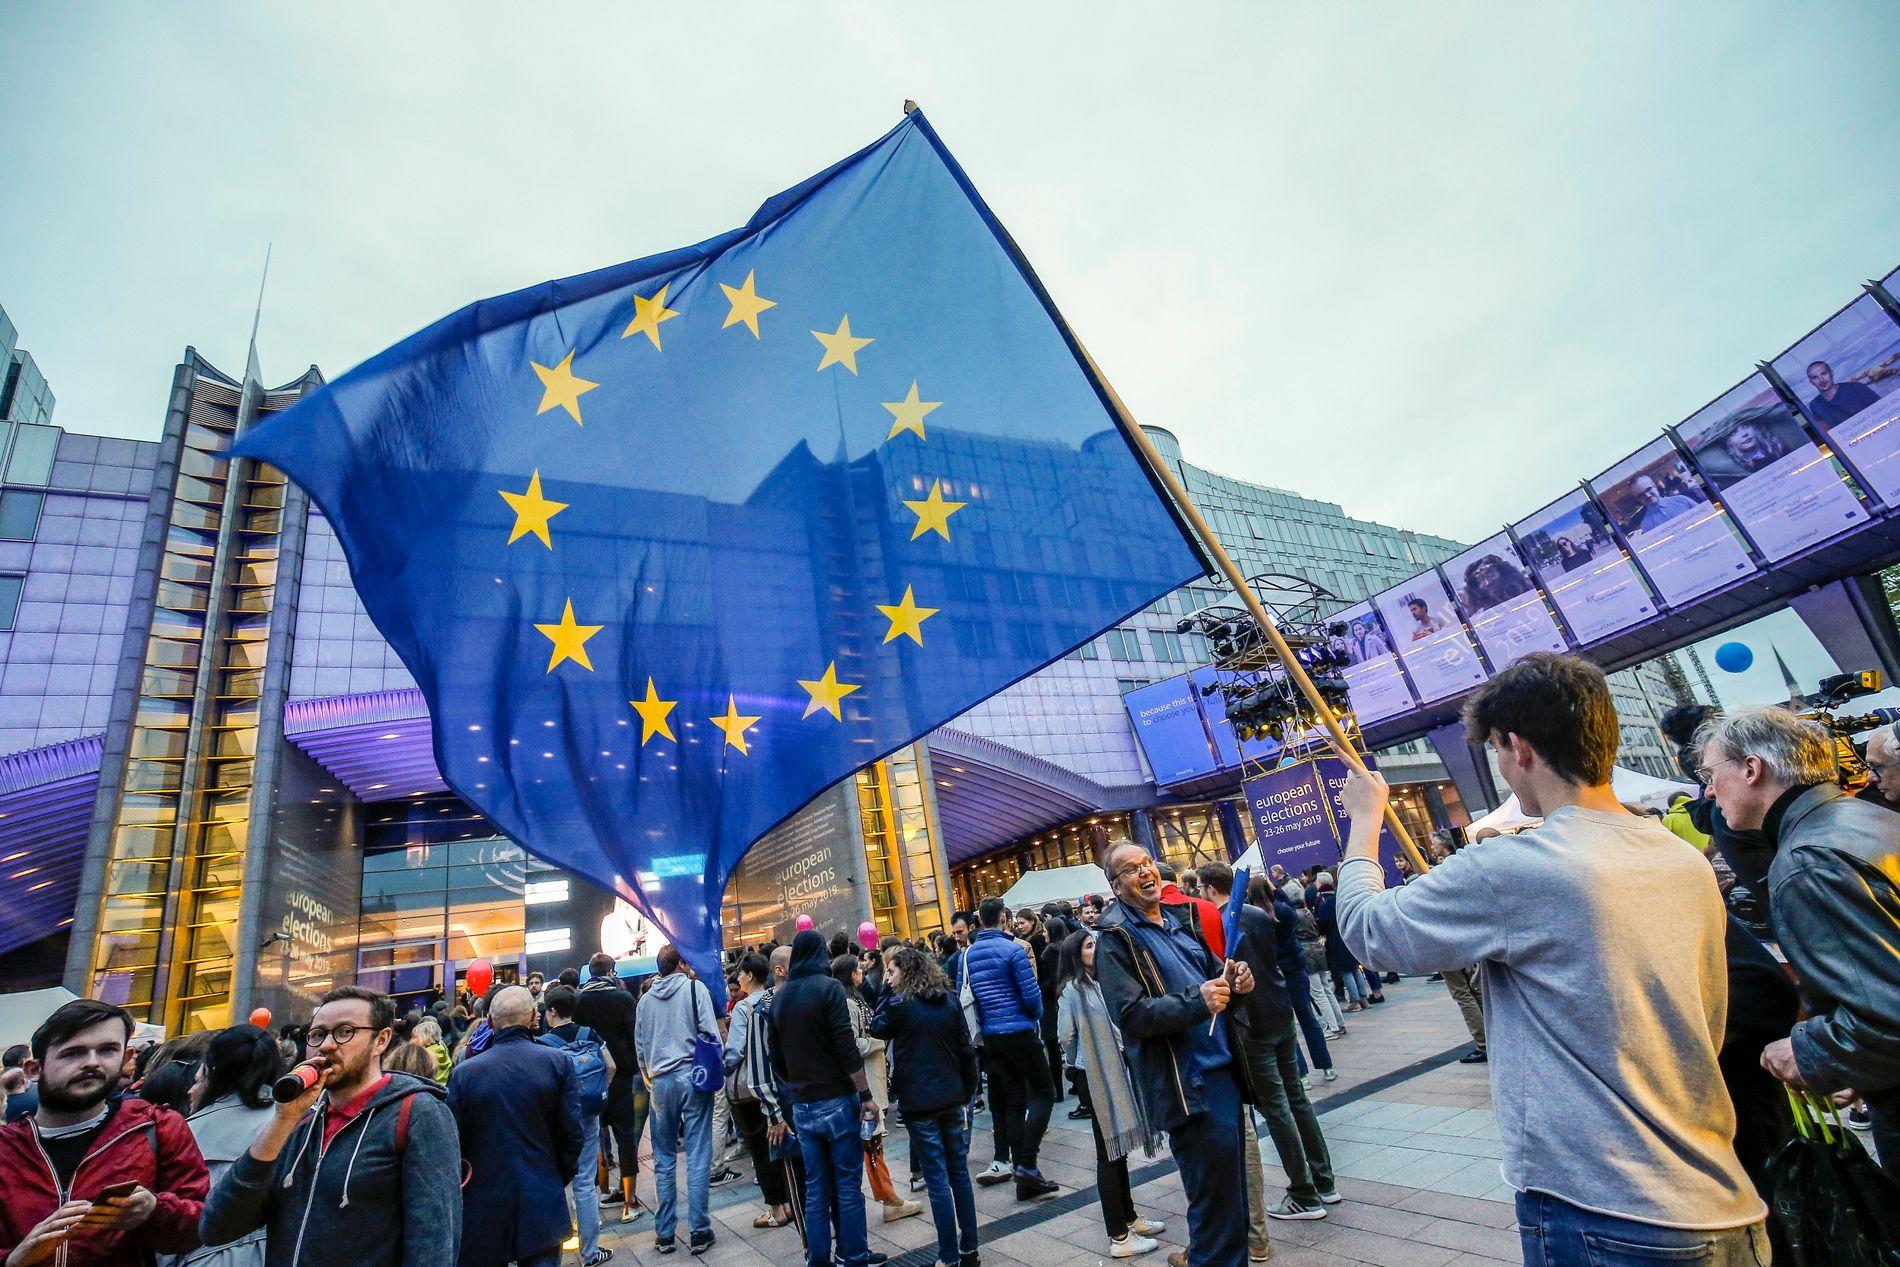 EU-VALGET: – Det politiske sentrum, de tradisjonelle folkepartiene, taper terreng, og dette kan på sikt bli et stort problem for de liberale demokratiene, skriver kronikkforfatteren.